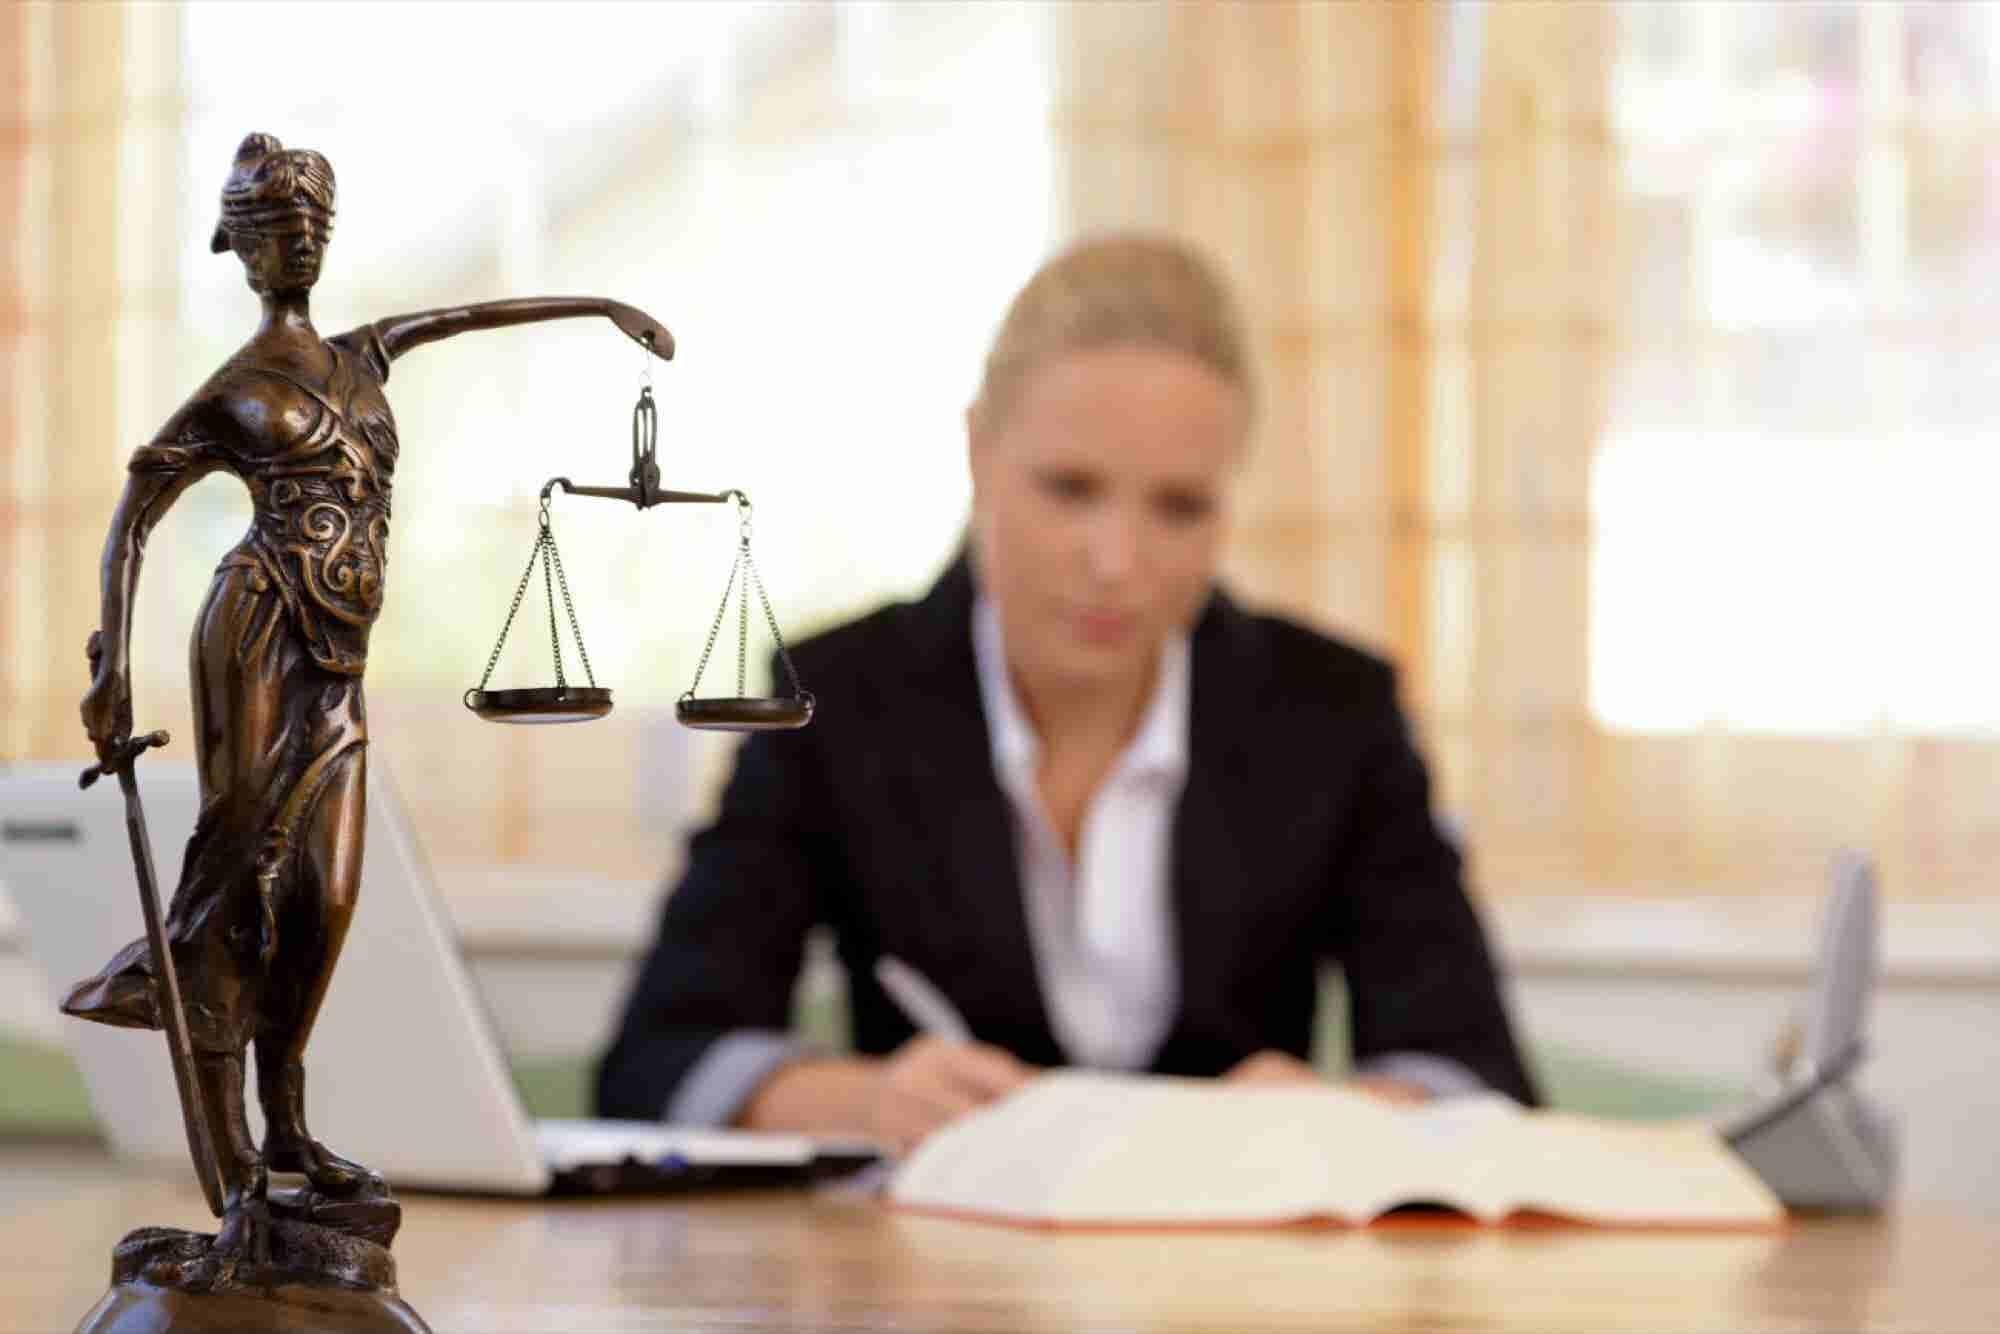 ¿Eres abogado y no sabes cómo emprender? Esta historia te puede inspirar